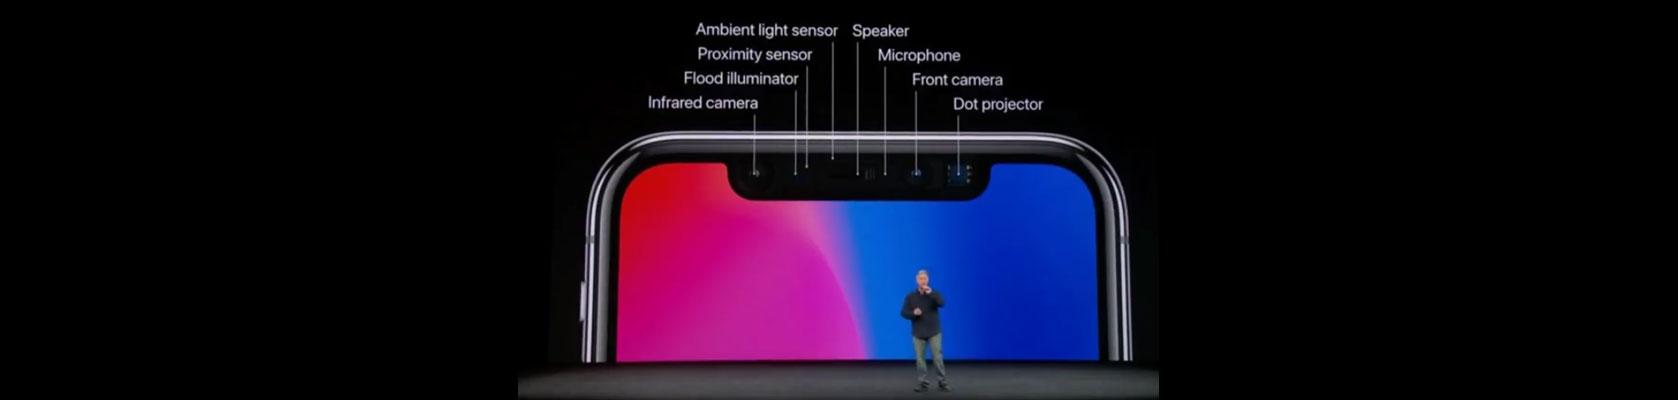 3d sensors